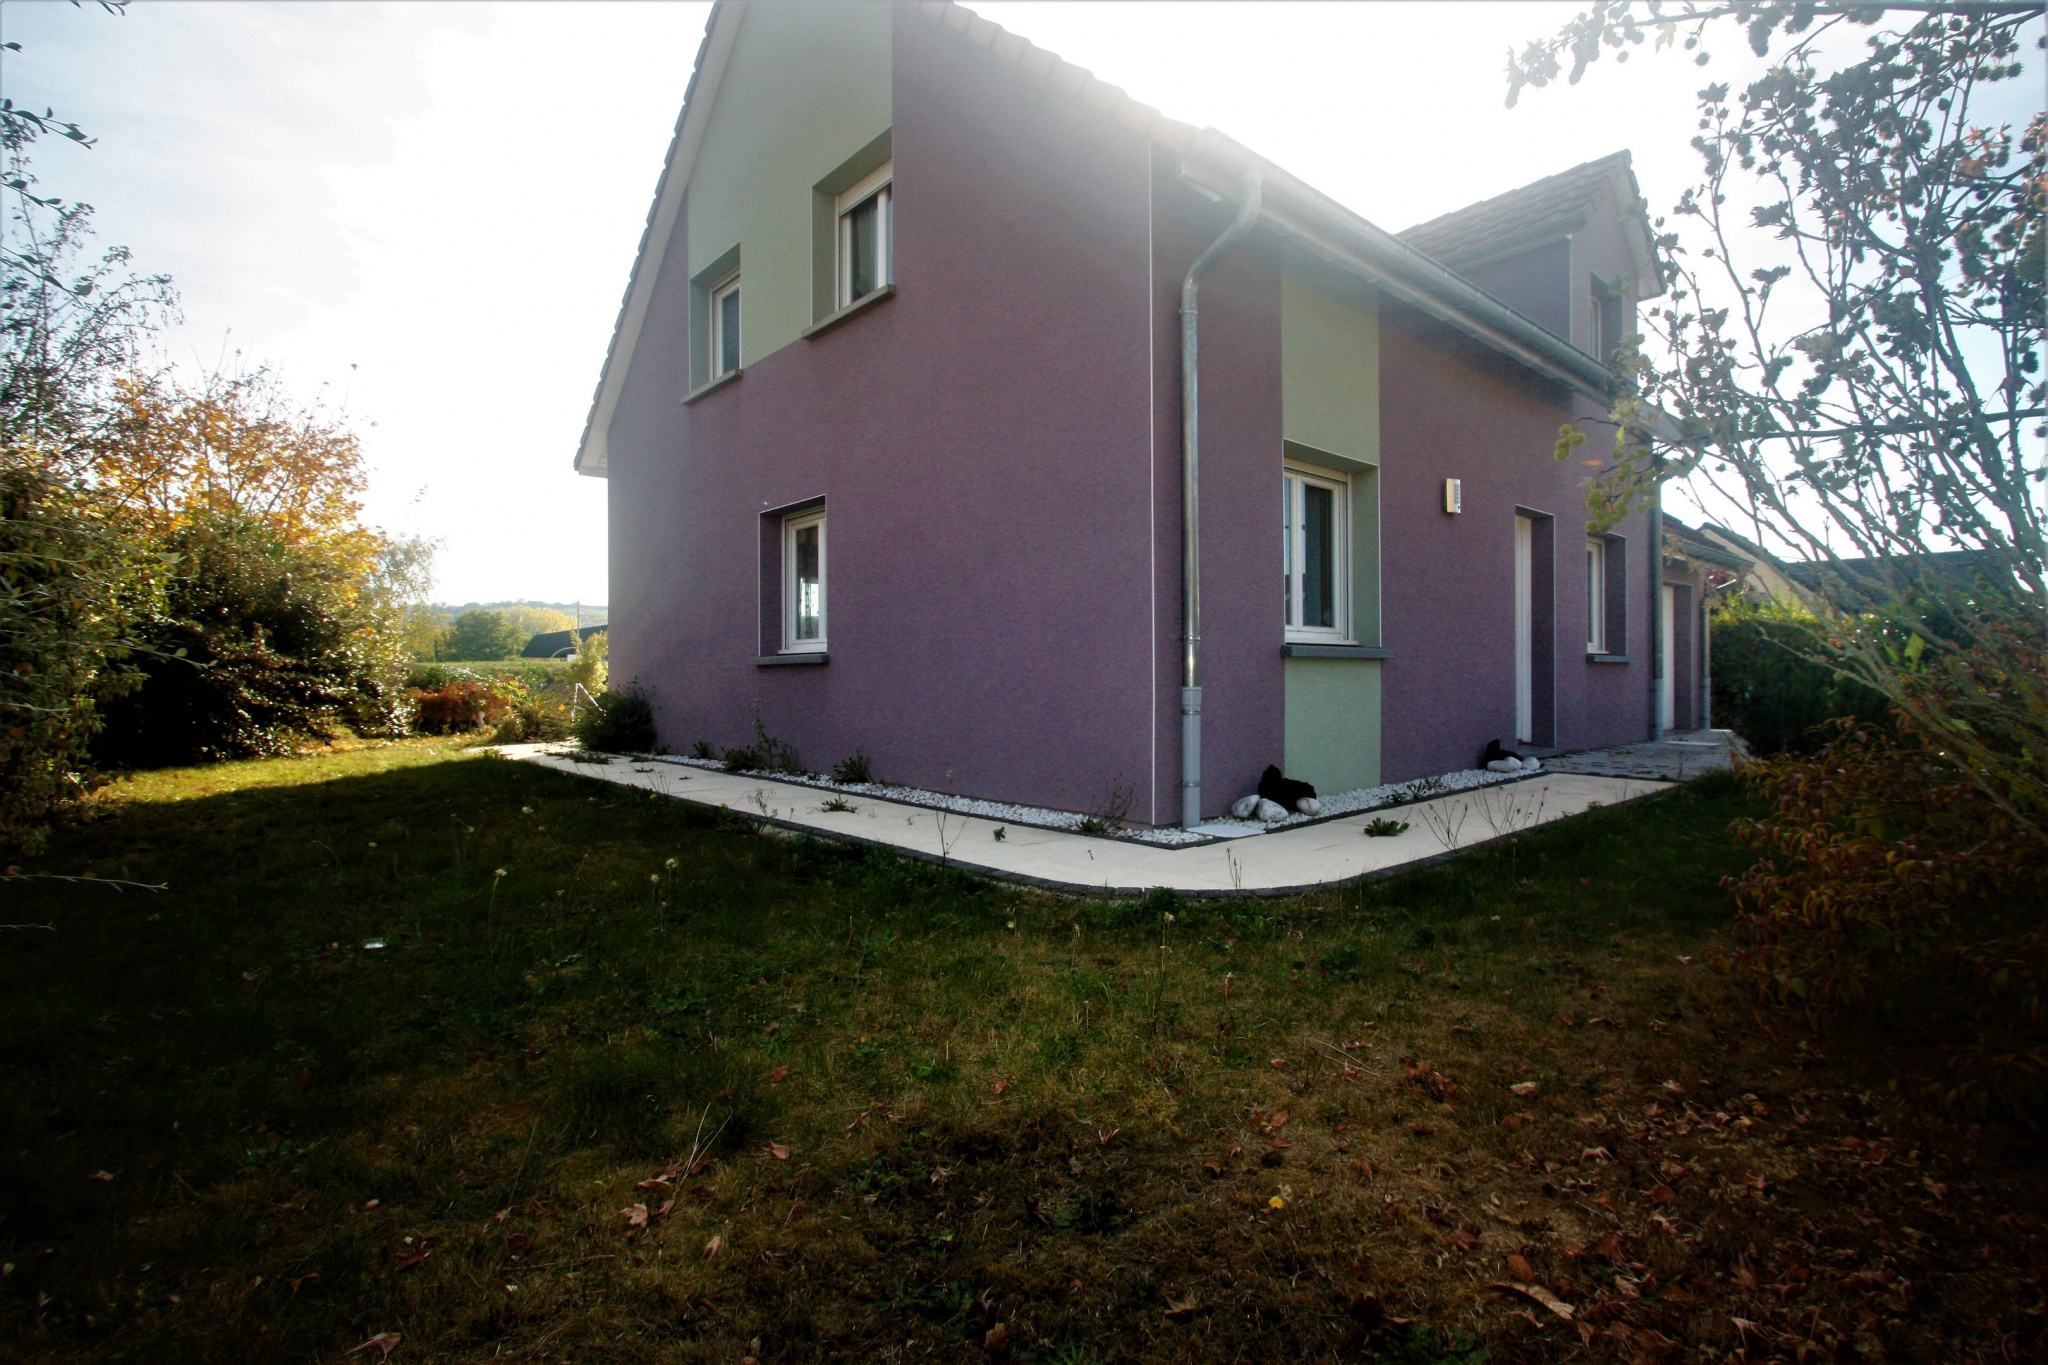 vente maison de 2007 plain pied 4 chambres. Black Bedroom Furniture Sets. Home Design Ideas